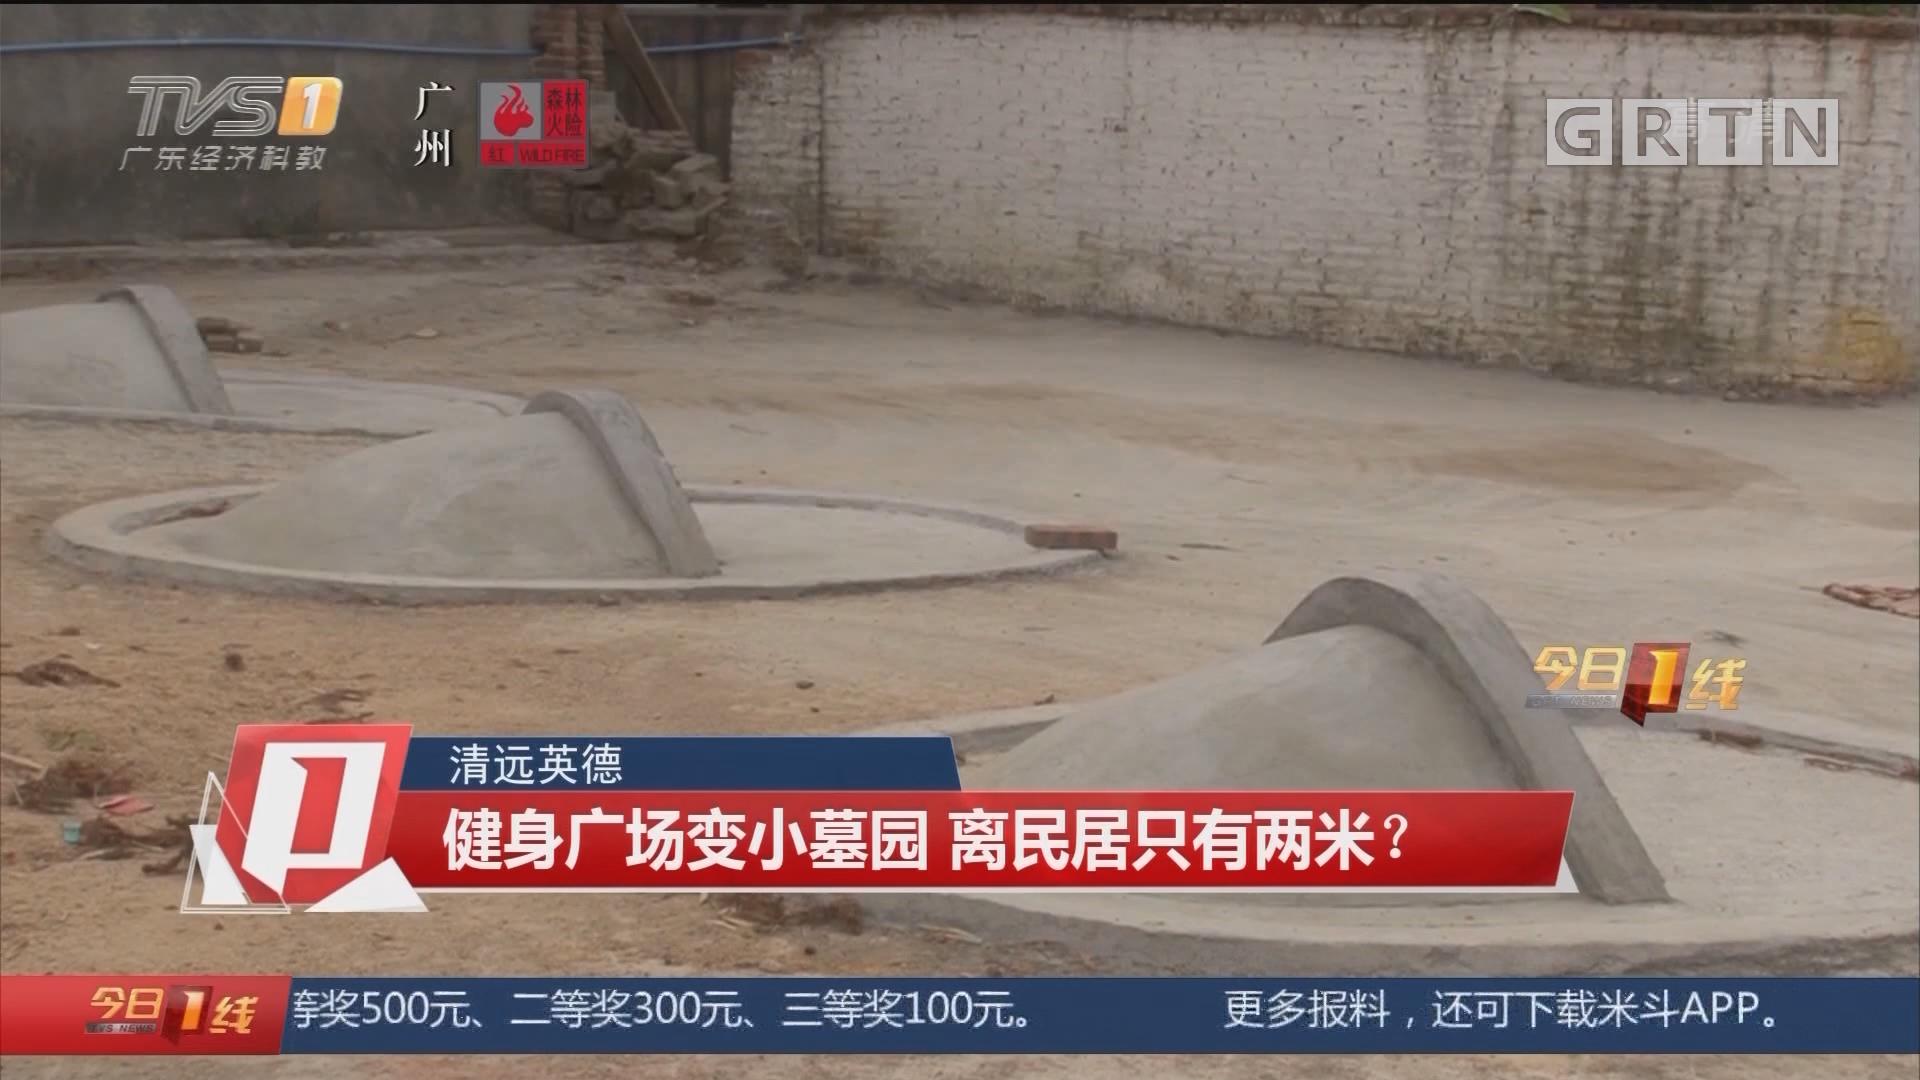 清远英德:健身广场变小墓园 离民居只有两米?